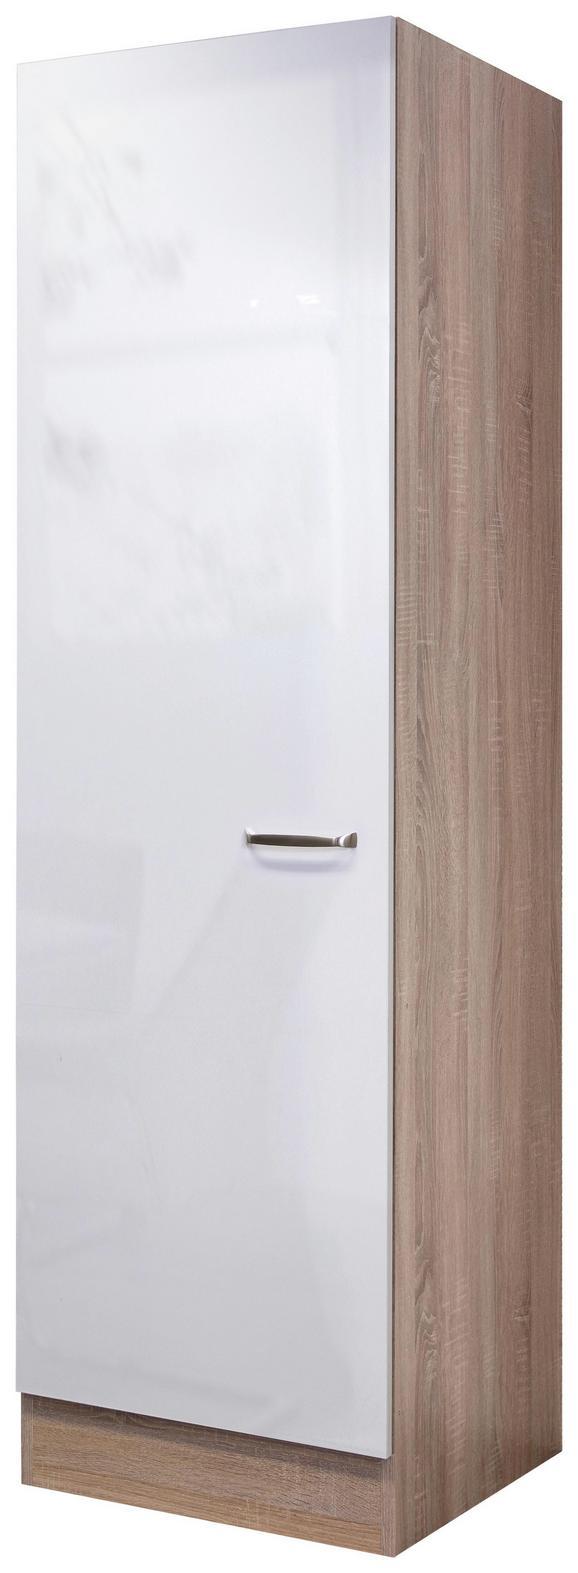 Geschirrschrank Weiß Hochglanz/Eiche - Edelstahlfarben/Eichefarben, MODERN, Holzwerkstoff/Metall (50/200/57cm)